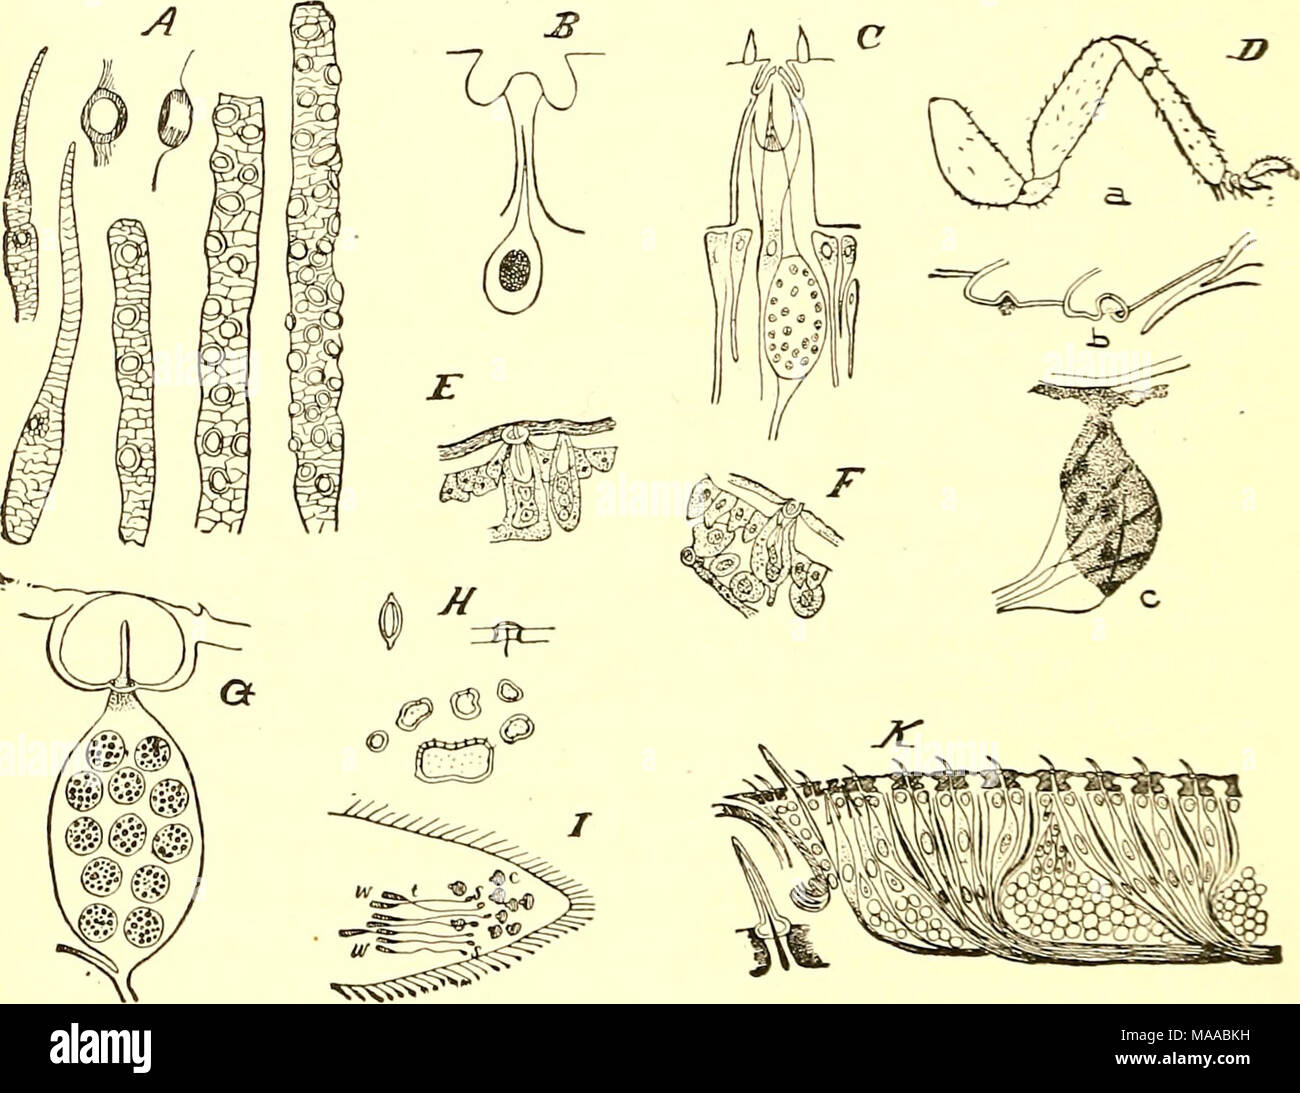 Großartig Wo Sind Ihre Organe Entfernt Ideen - Menschliche Anatomie ...